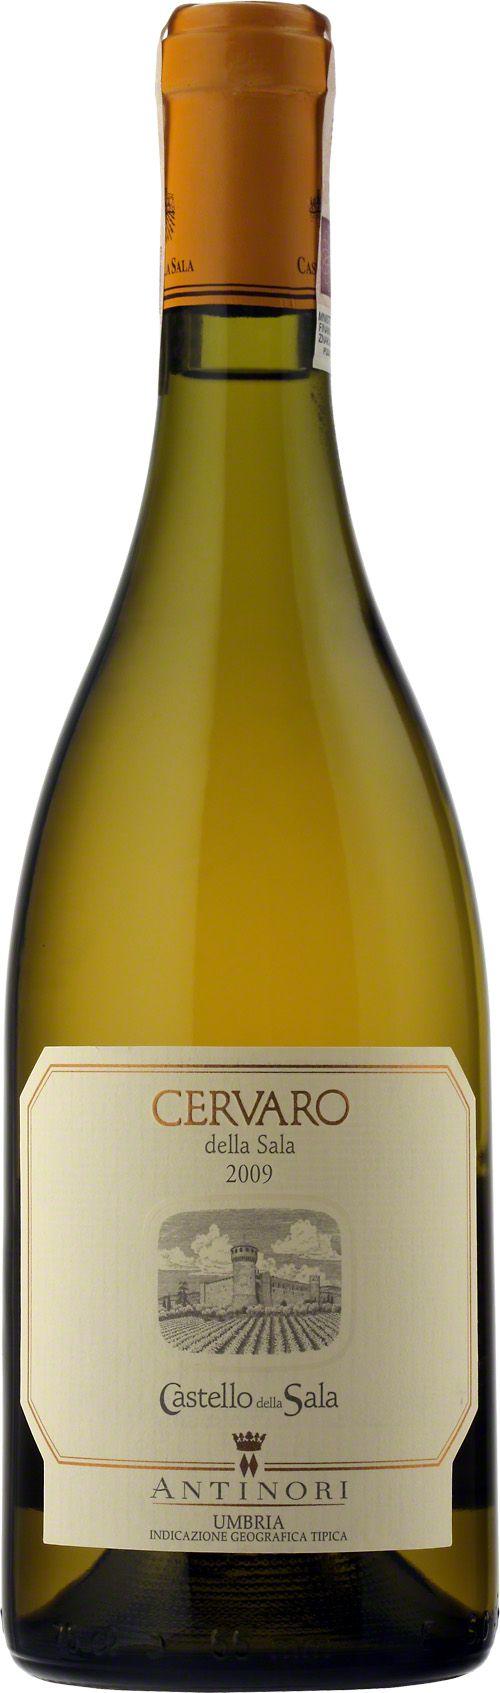 Antinori Cervaro della Sala Umbria I.G.T. Wytwarzane w całości z owoców pochodzących z winnic posiadłości Castello della Sala. Fermentacja i dojrzewanie trwa około 5 miesięcy, w małych beczkach dębowych. Wino nabiera charakteru leżakując przez 12 miesięcy w butelkach. Dominują aromaty owoców cytrusowych, ananasów i gruszek z odrobiną nuty wanilii. Wino o doskonałej palecie i długo utrzymującym się posmaku owoców. #Antinori #CervaroDellaSala #Umbria #Włochy #Wino #Winezja #Chardonnay…